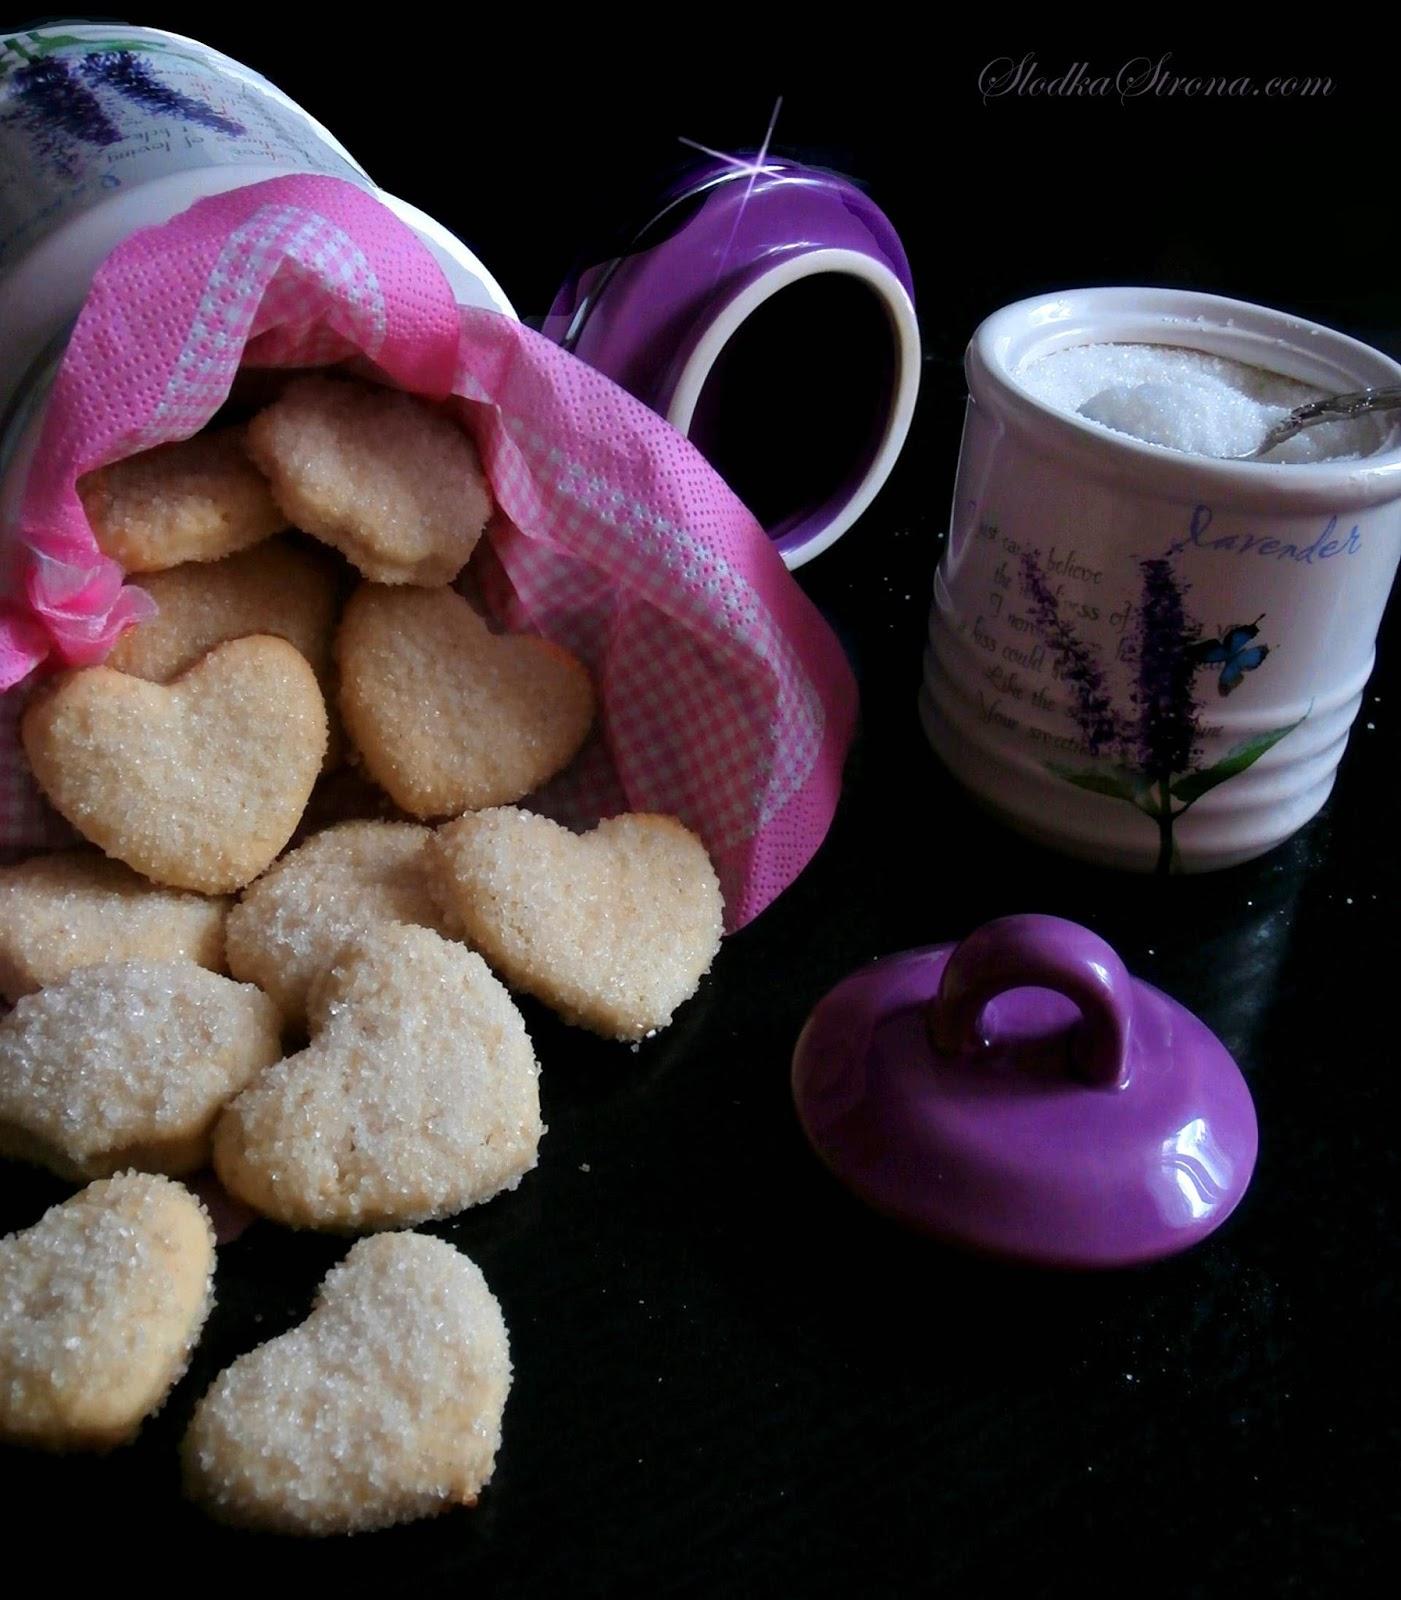 Kruche Ciasteczka z Cukrem - Przepis - Słodka Strona